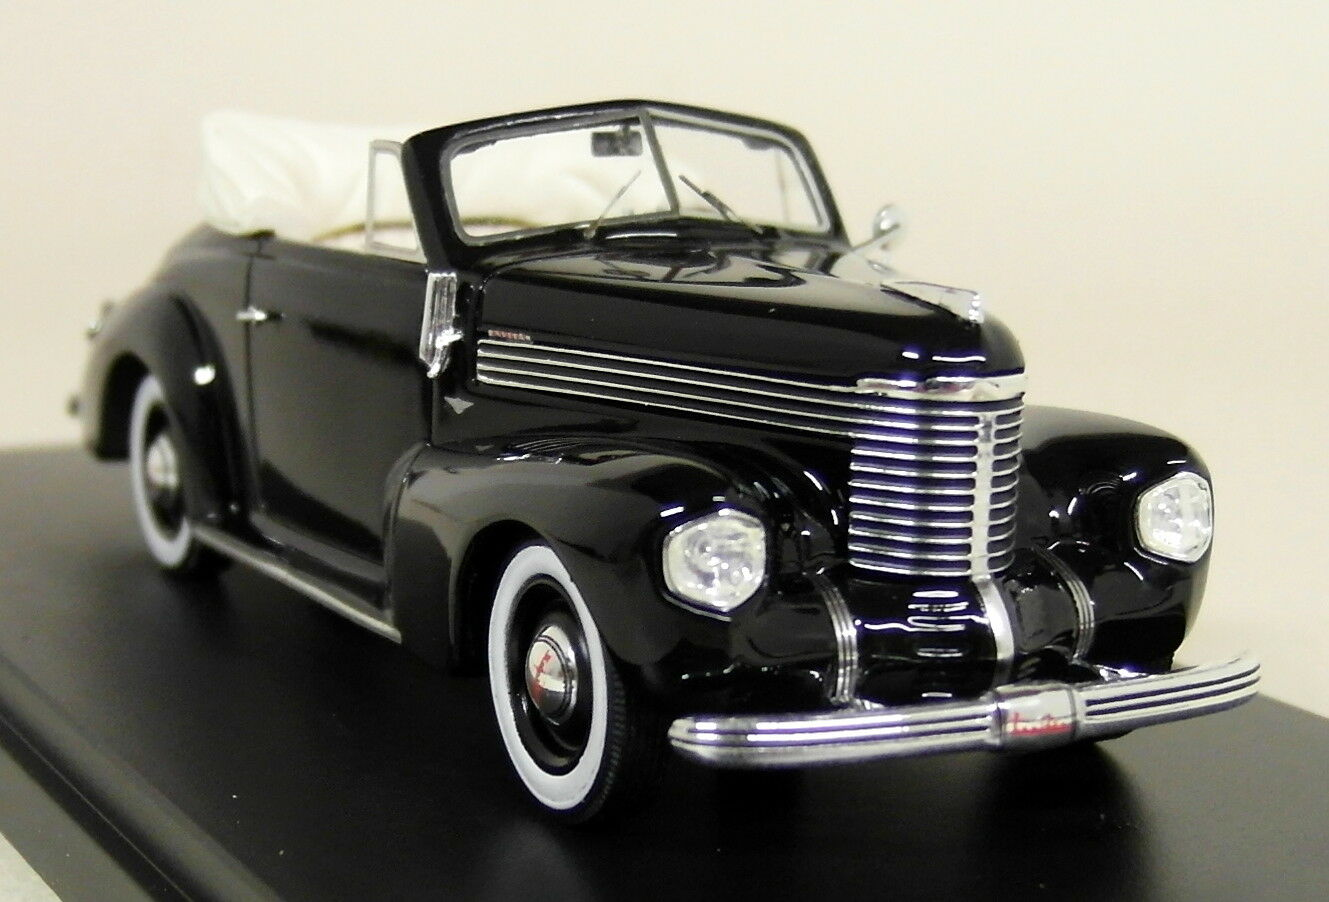 punto de venta Neo escala 1 43 43 43 - 43265 Opel Kapitan HEBMULLER 1940 Negro Coche Modelo de Resina  barato y de moda